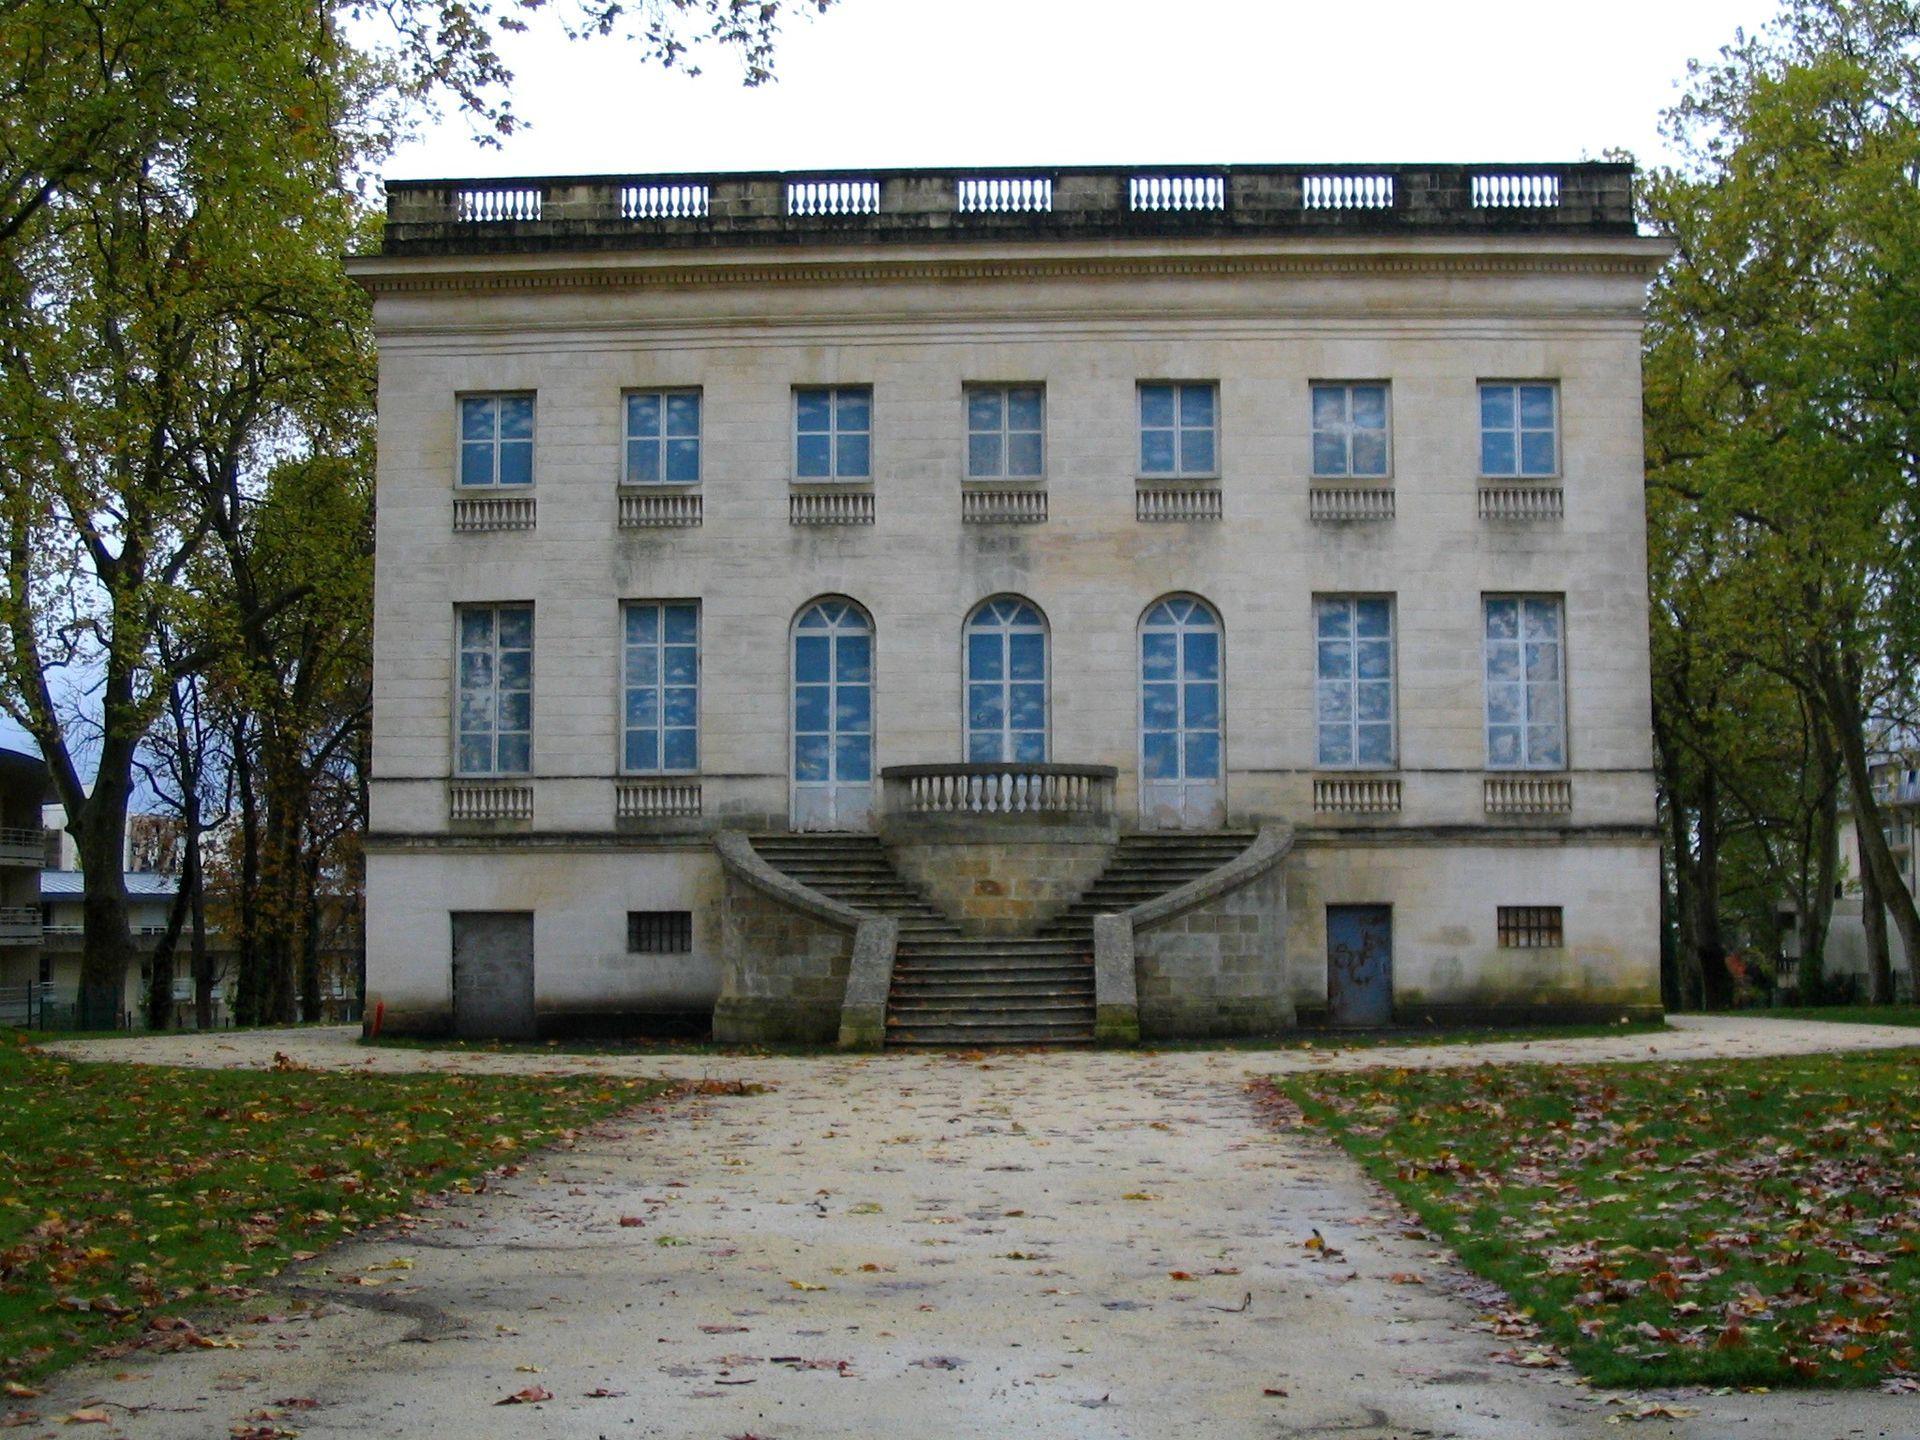 Le Façade Nord Du Château Peychotte, Qui Appelée également Maison Carrée  Du0027Arlac